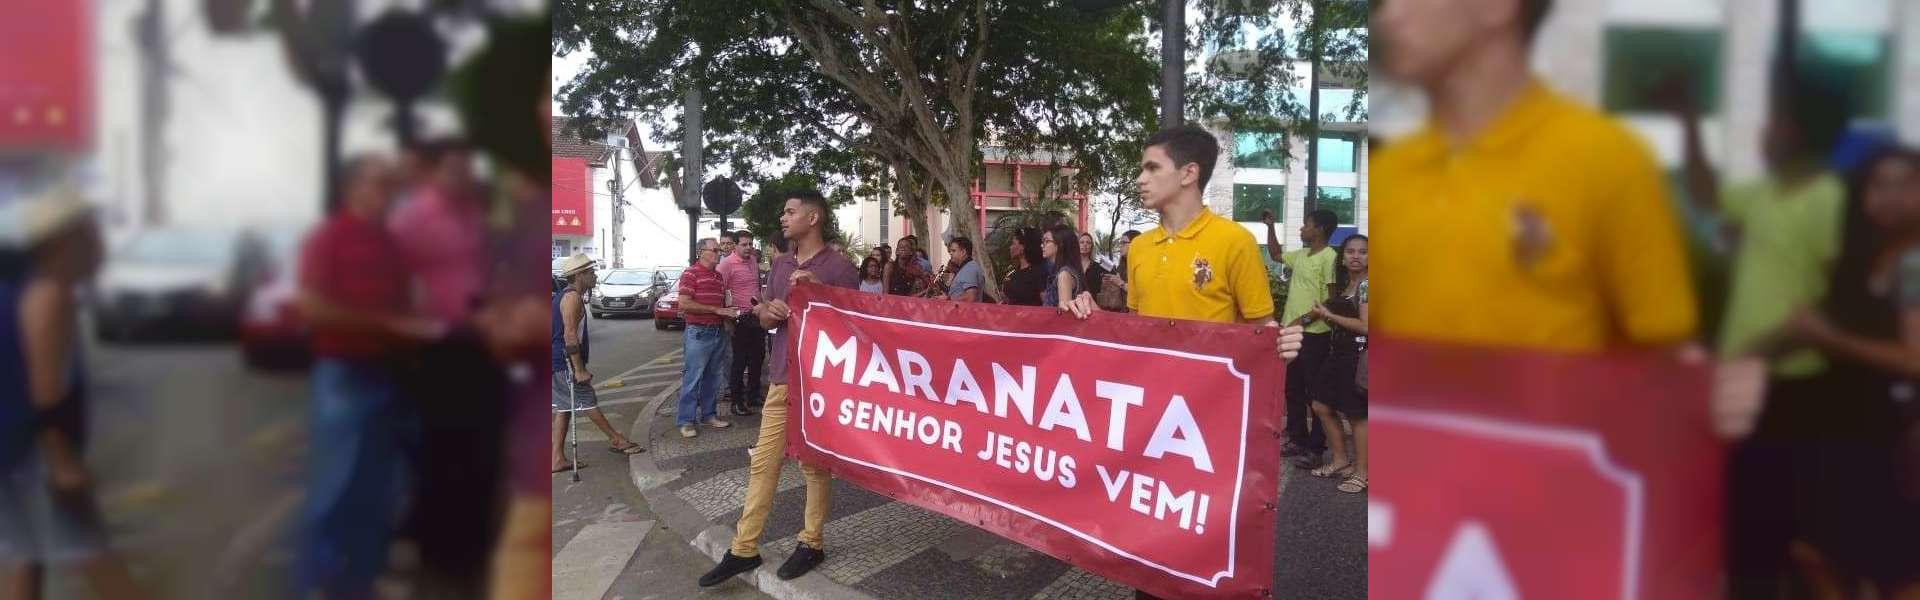 Programação evangelística especial é realizada por Igrejas Cristã Maranata no Espírito Santo